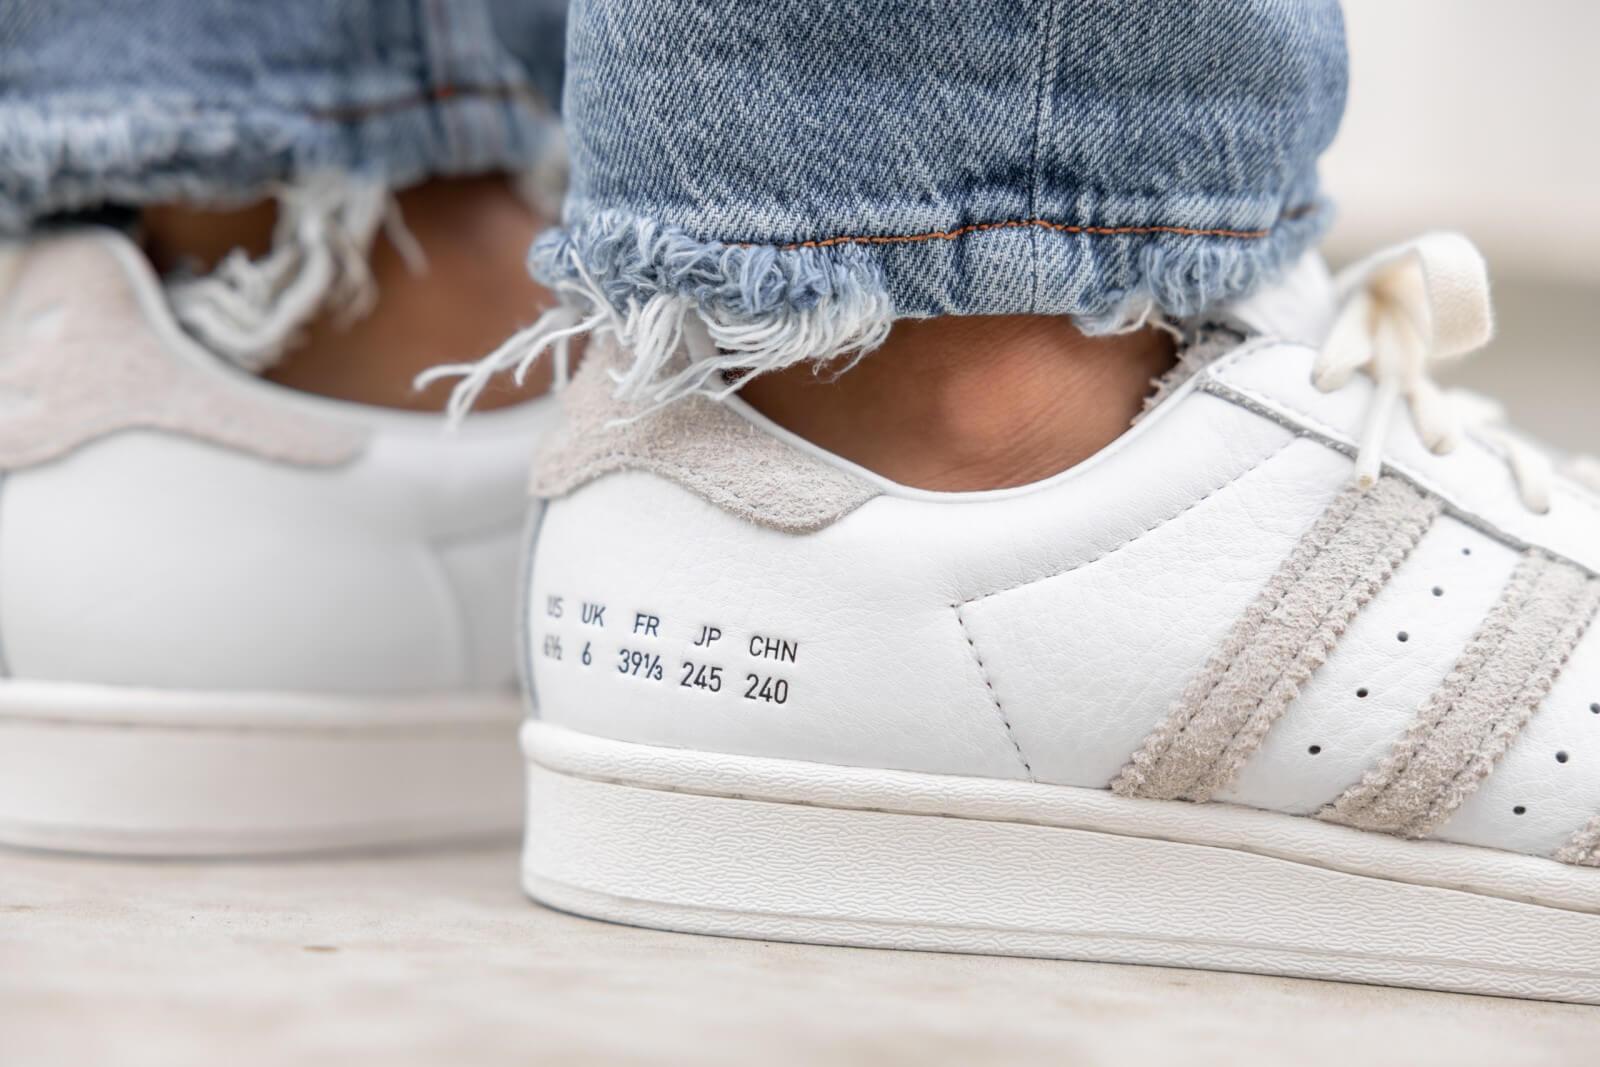 Adidas Superstar Premium Basics Pack